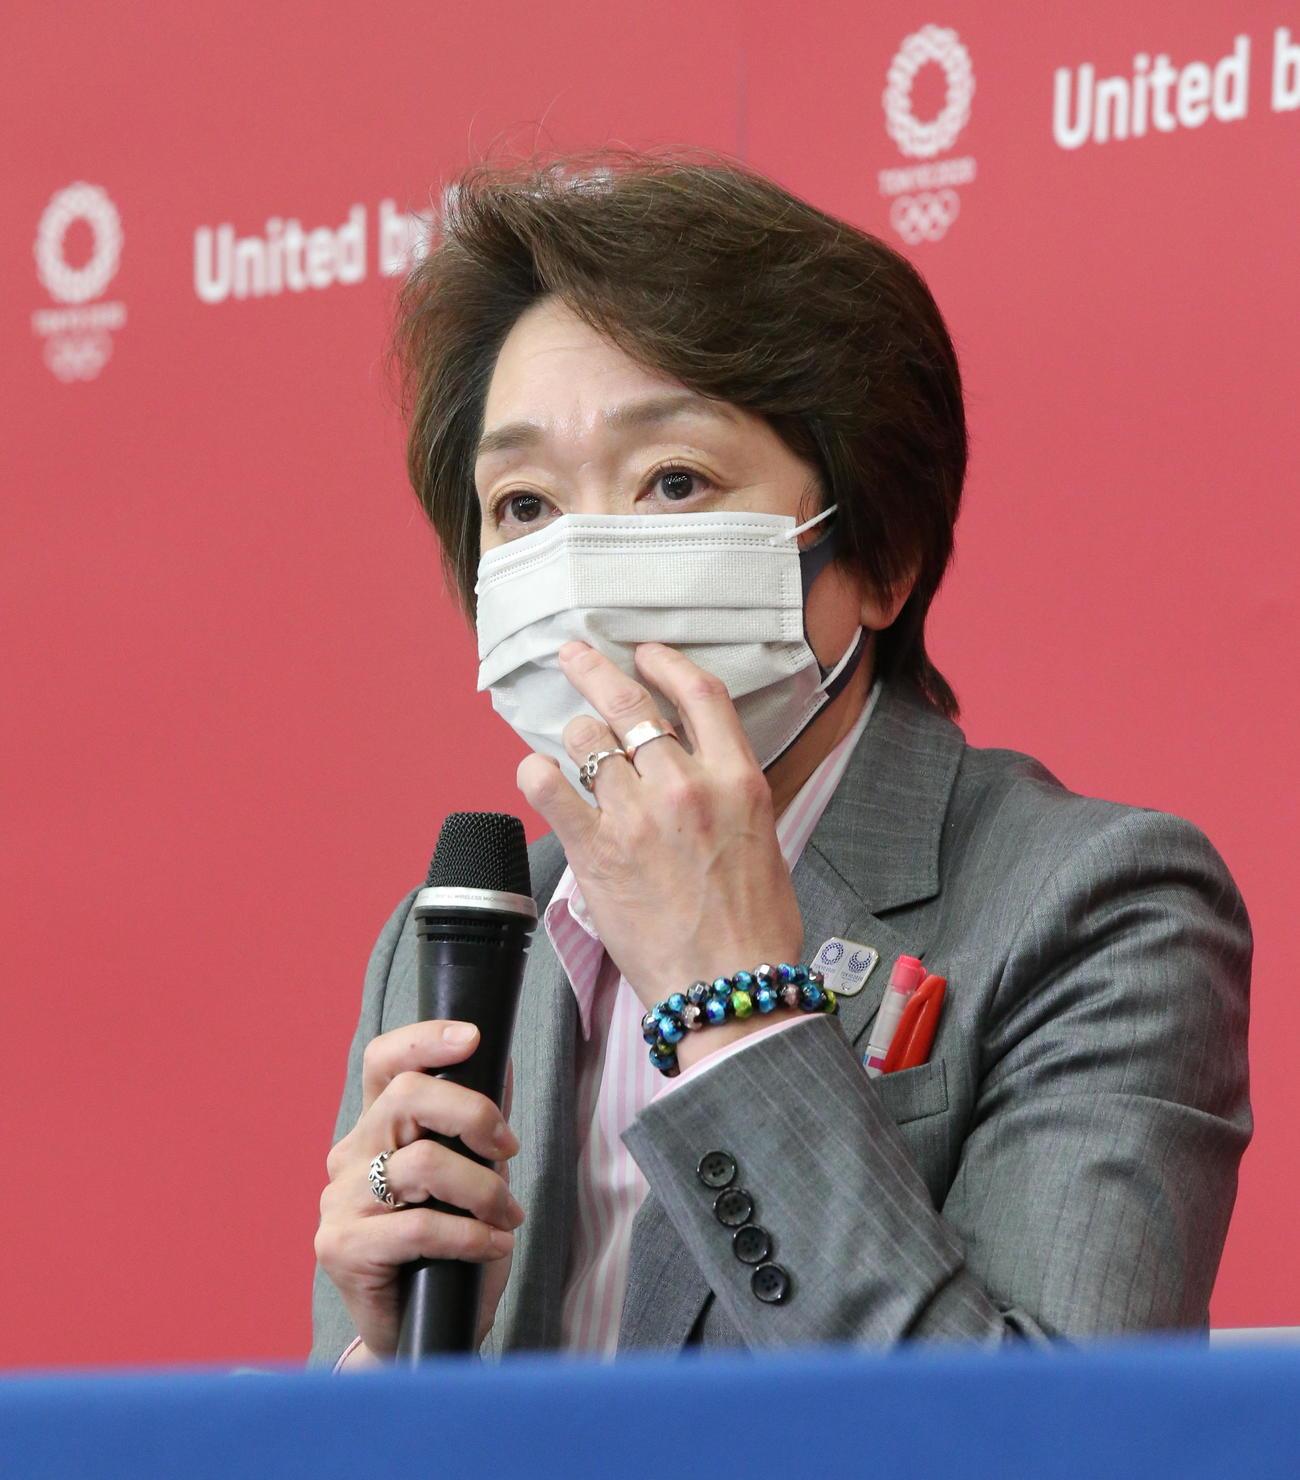 取材に応じる東京五輪・パラリンピック組織委員会の橋本聖子会長(代表撮影)